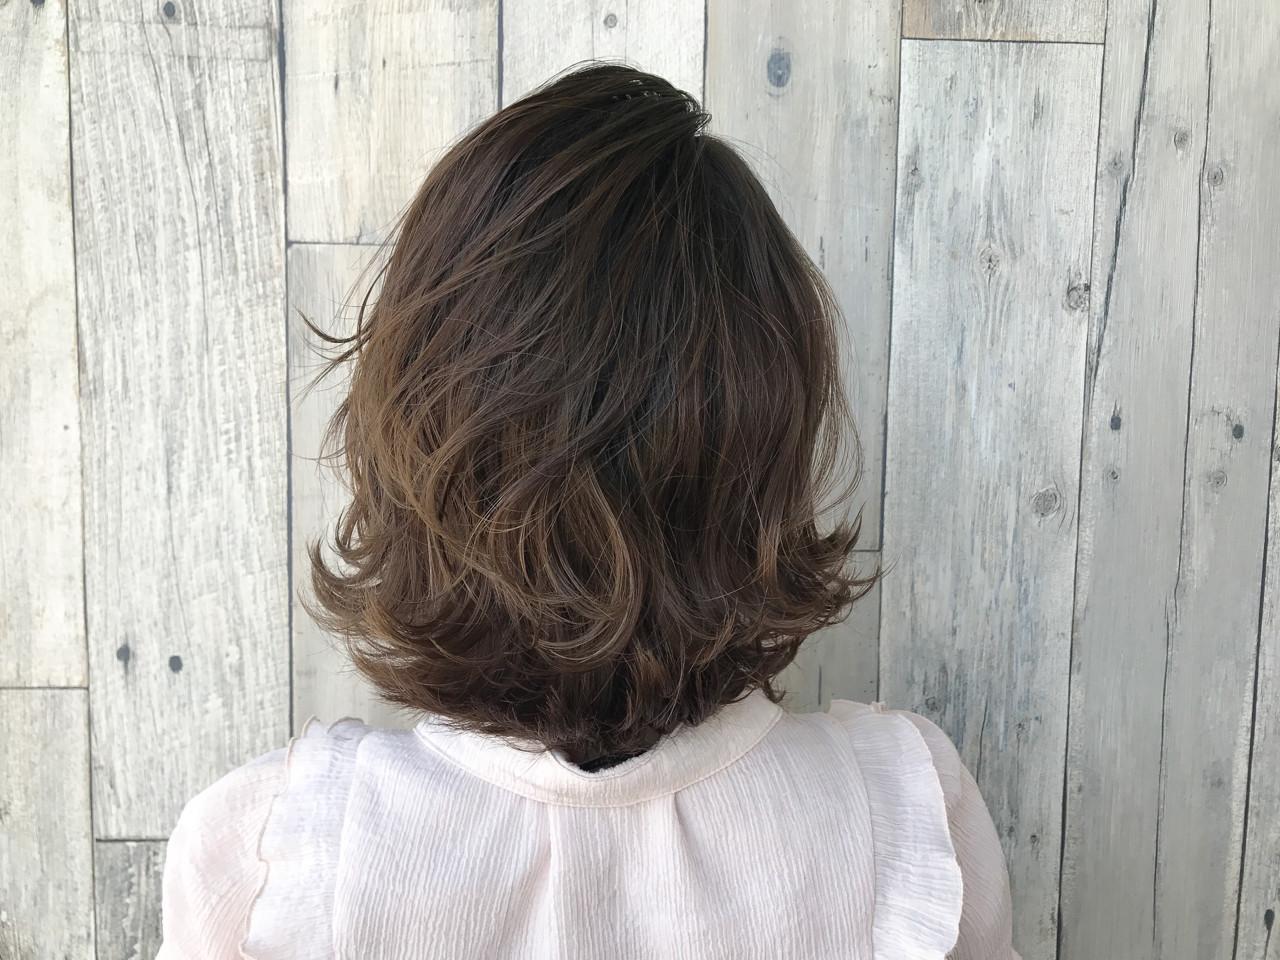 ミディアム ハイライト 色気 波ウェーブ ヘアスタイルや髪型の写真・画像 | 宇渡 裕一 / Lillie hair&spa